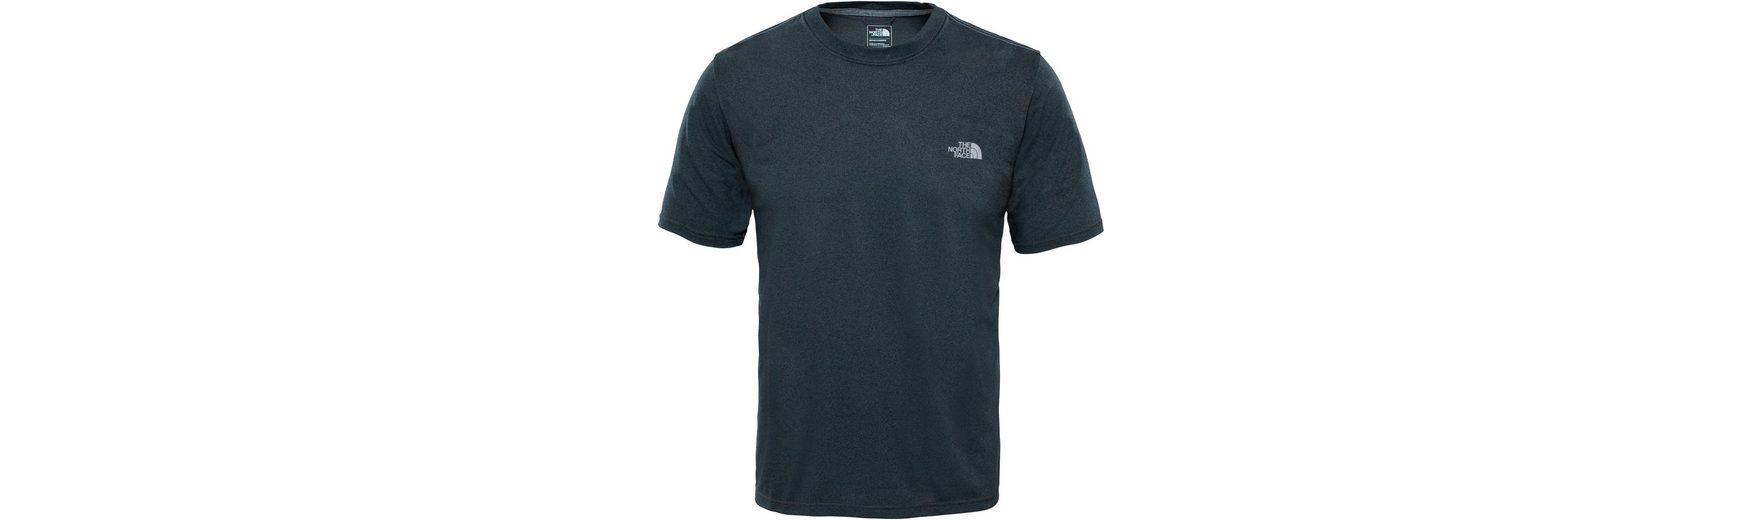 The North Face T-Shirt Reaxion Amp Crew Shirt Men Billig Zahlung Mit Visa Outlet Brandneue Unisex Bilder Verkauf Günstig Online Sat NMfkov